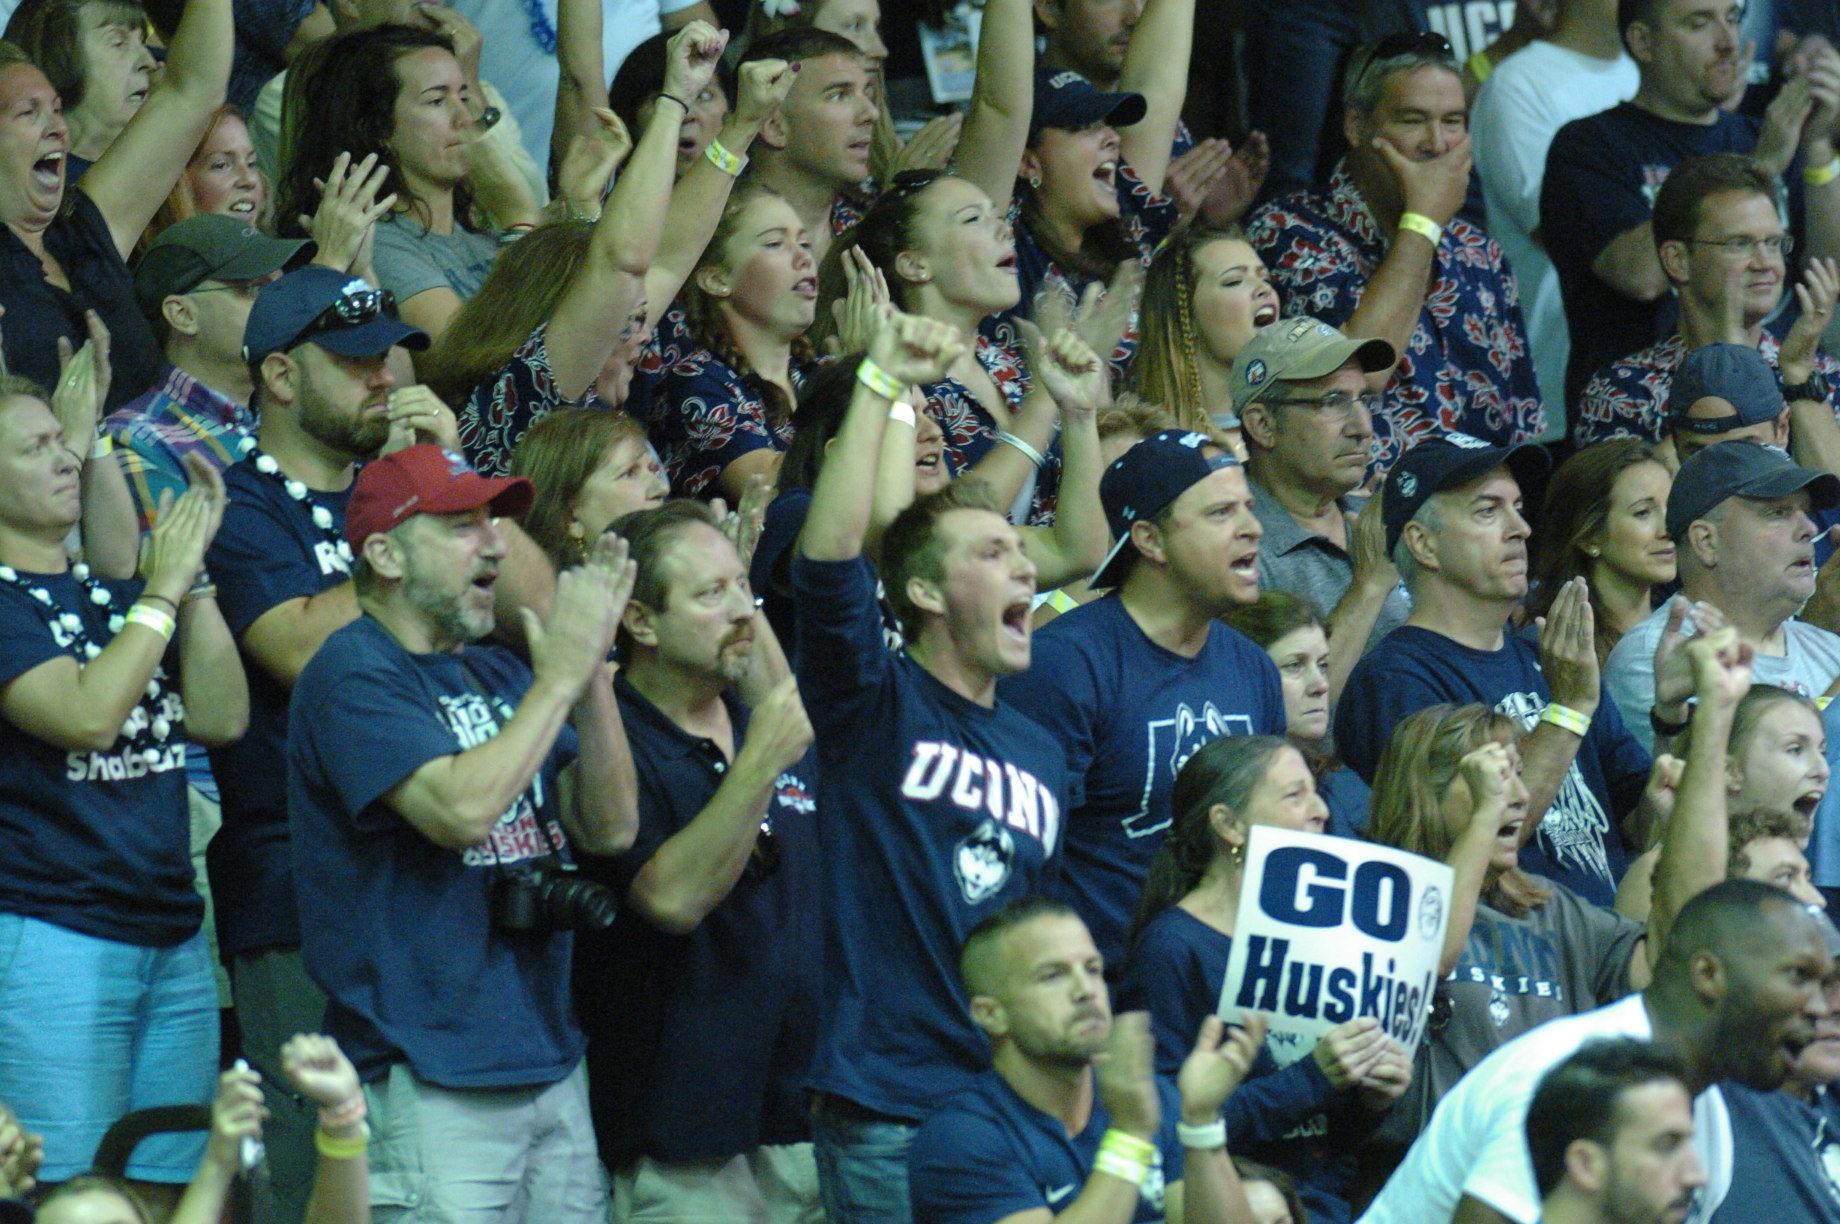 UConn Huskies fans. PC: Joel B. Tamayo